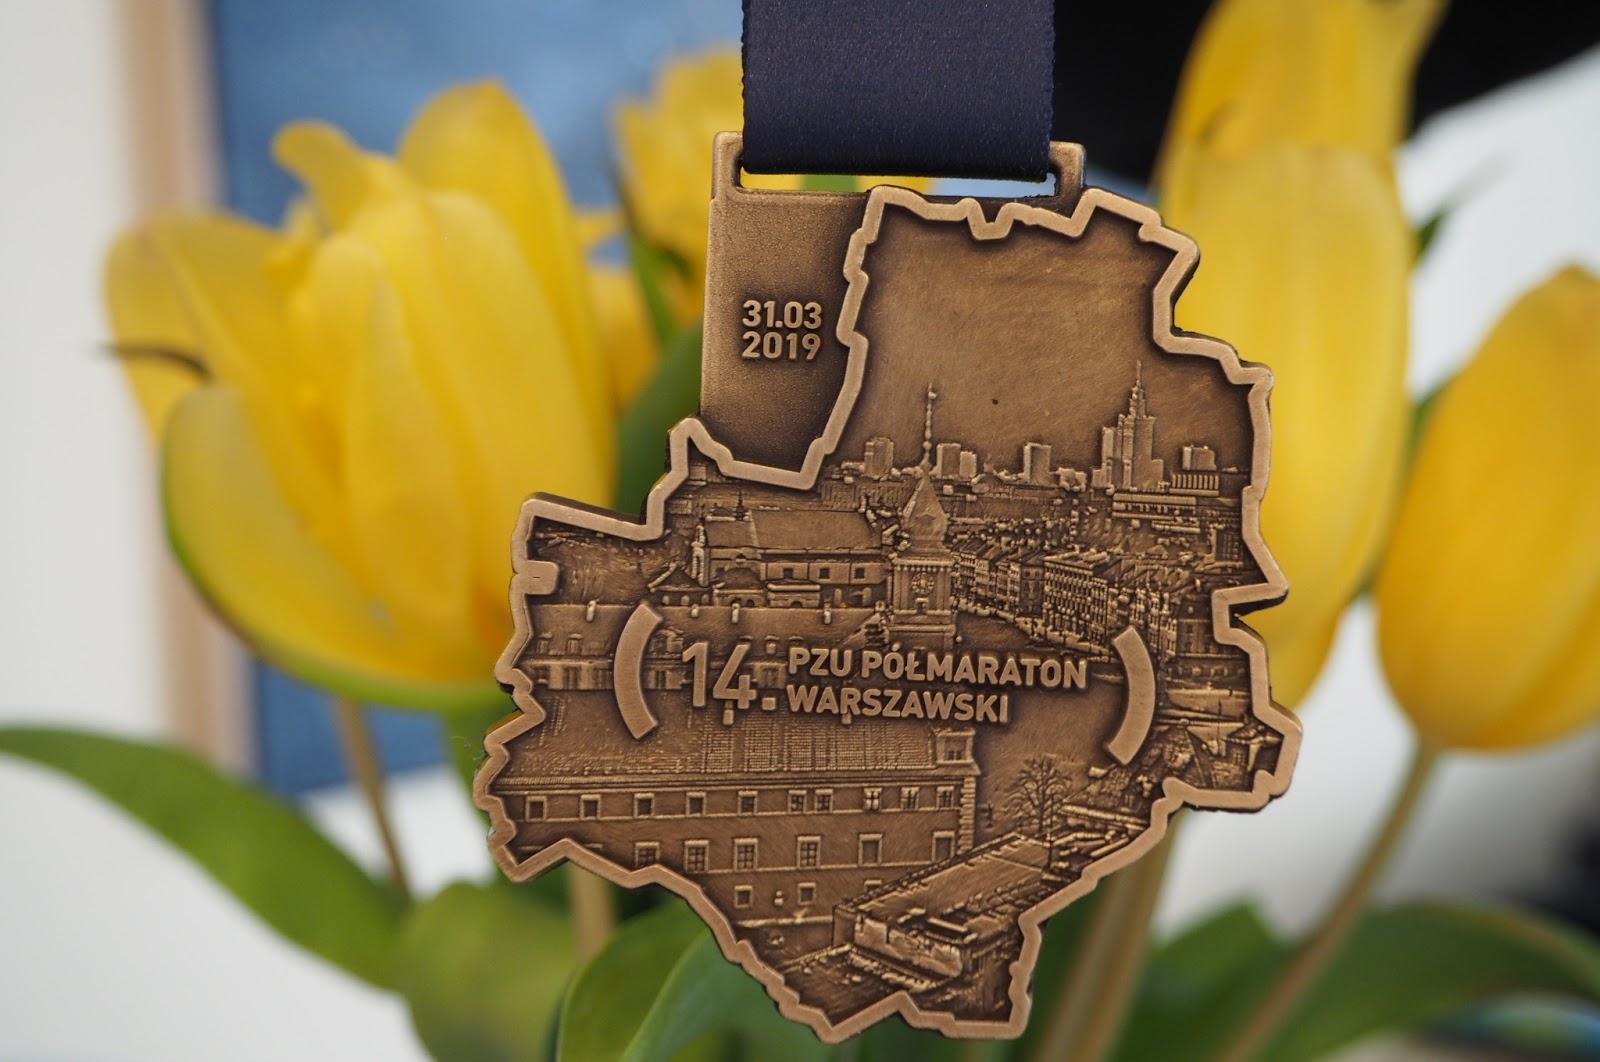 14 PZU Półmaraton Warszawski – 8 medal do kolekcji